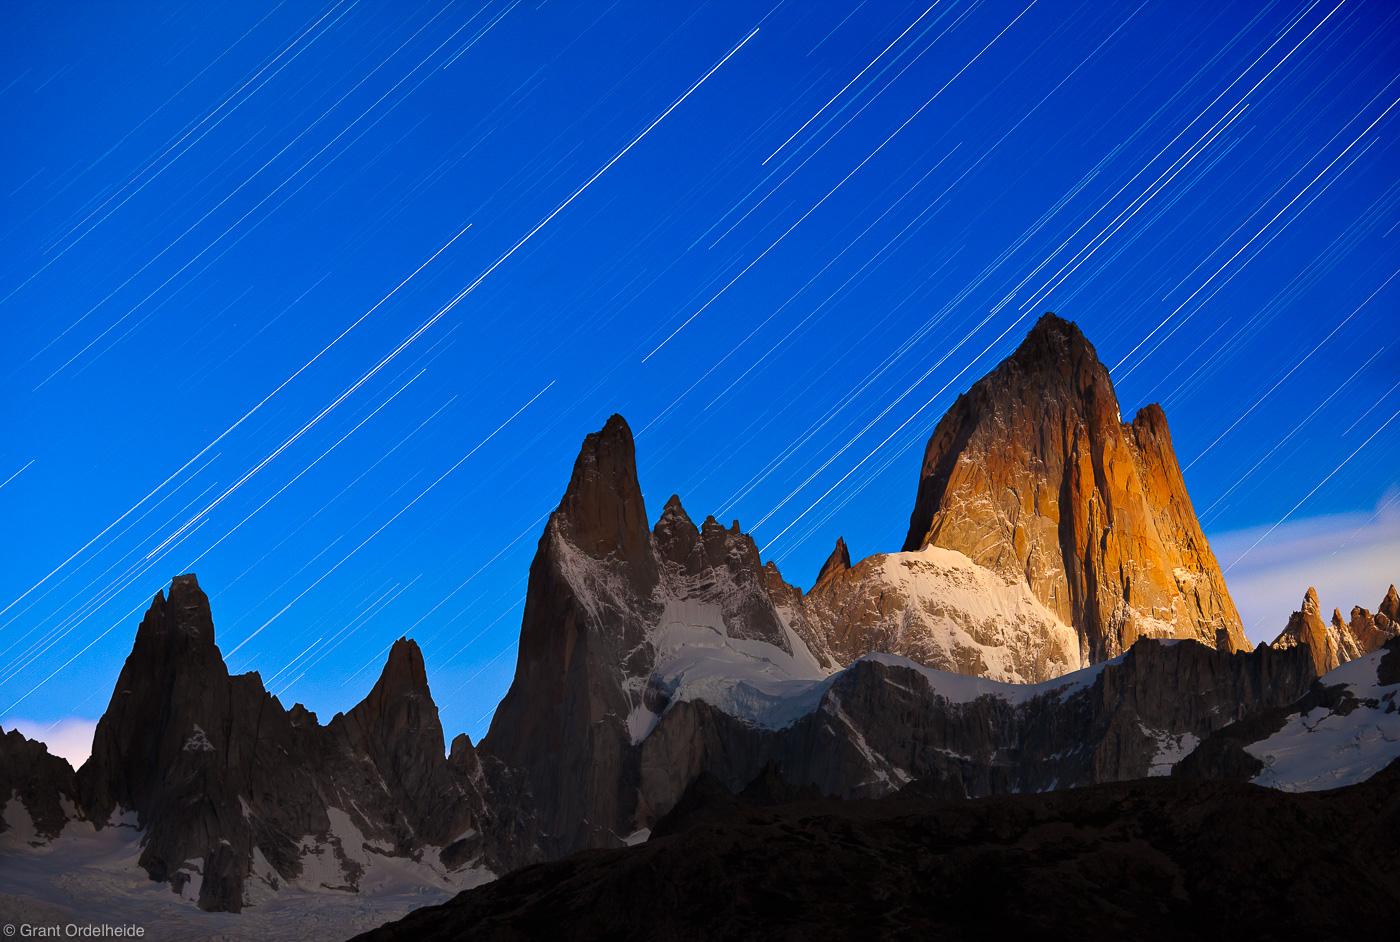 fitzroy, mount, el chalten, argentina, lunar, alpenglow, summit, mountain, south, stars, trails,